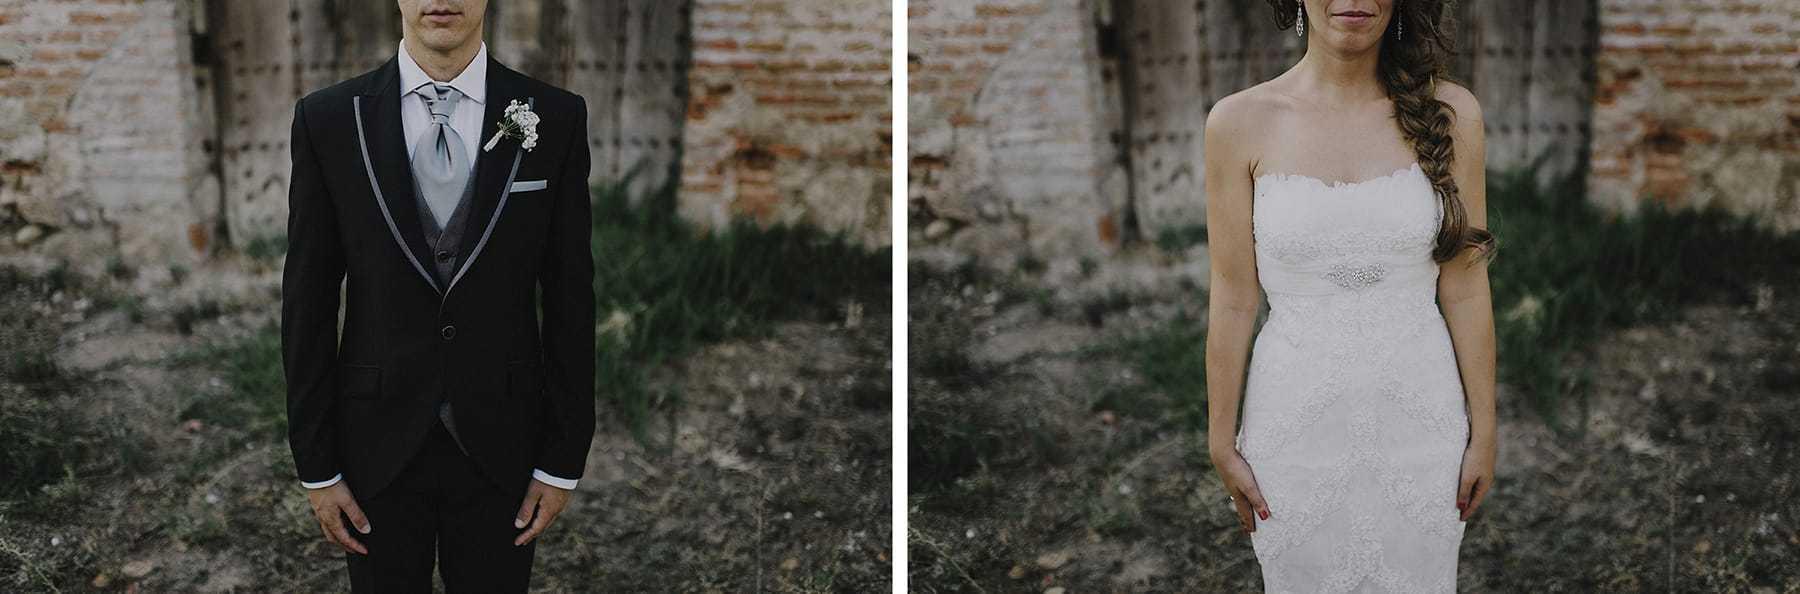 hilario_sanchez_fotografo_boda_palacio_aldovea_madrid_102